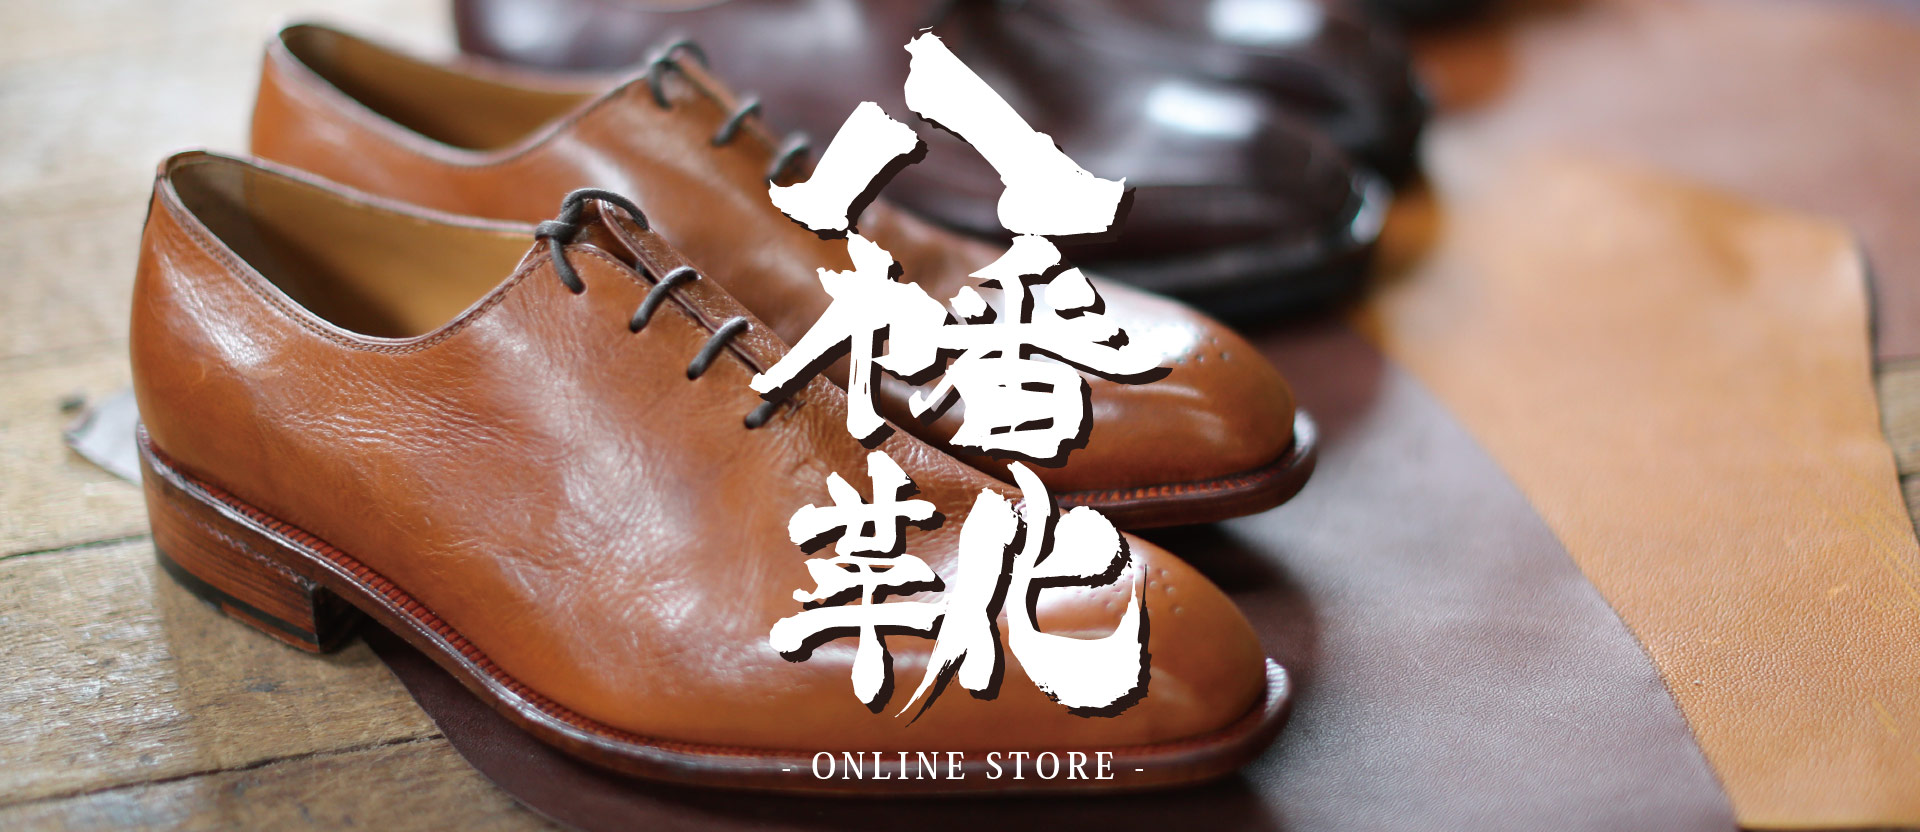 【完全オーダーメイド】八幡靴